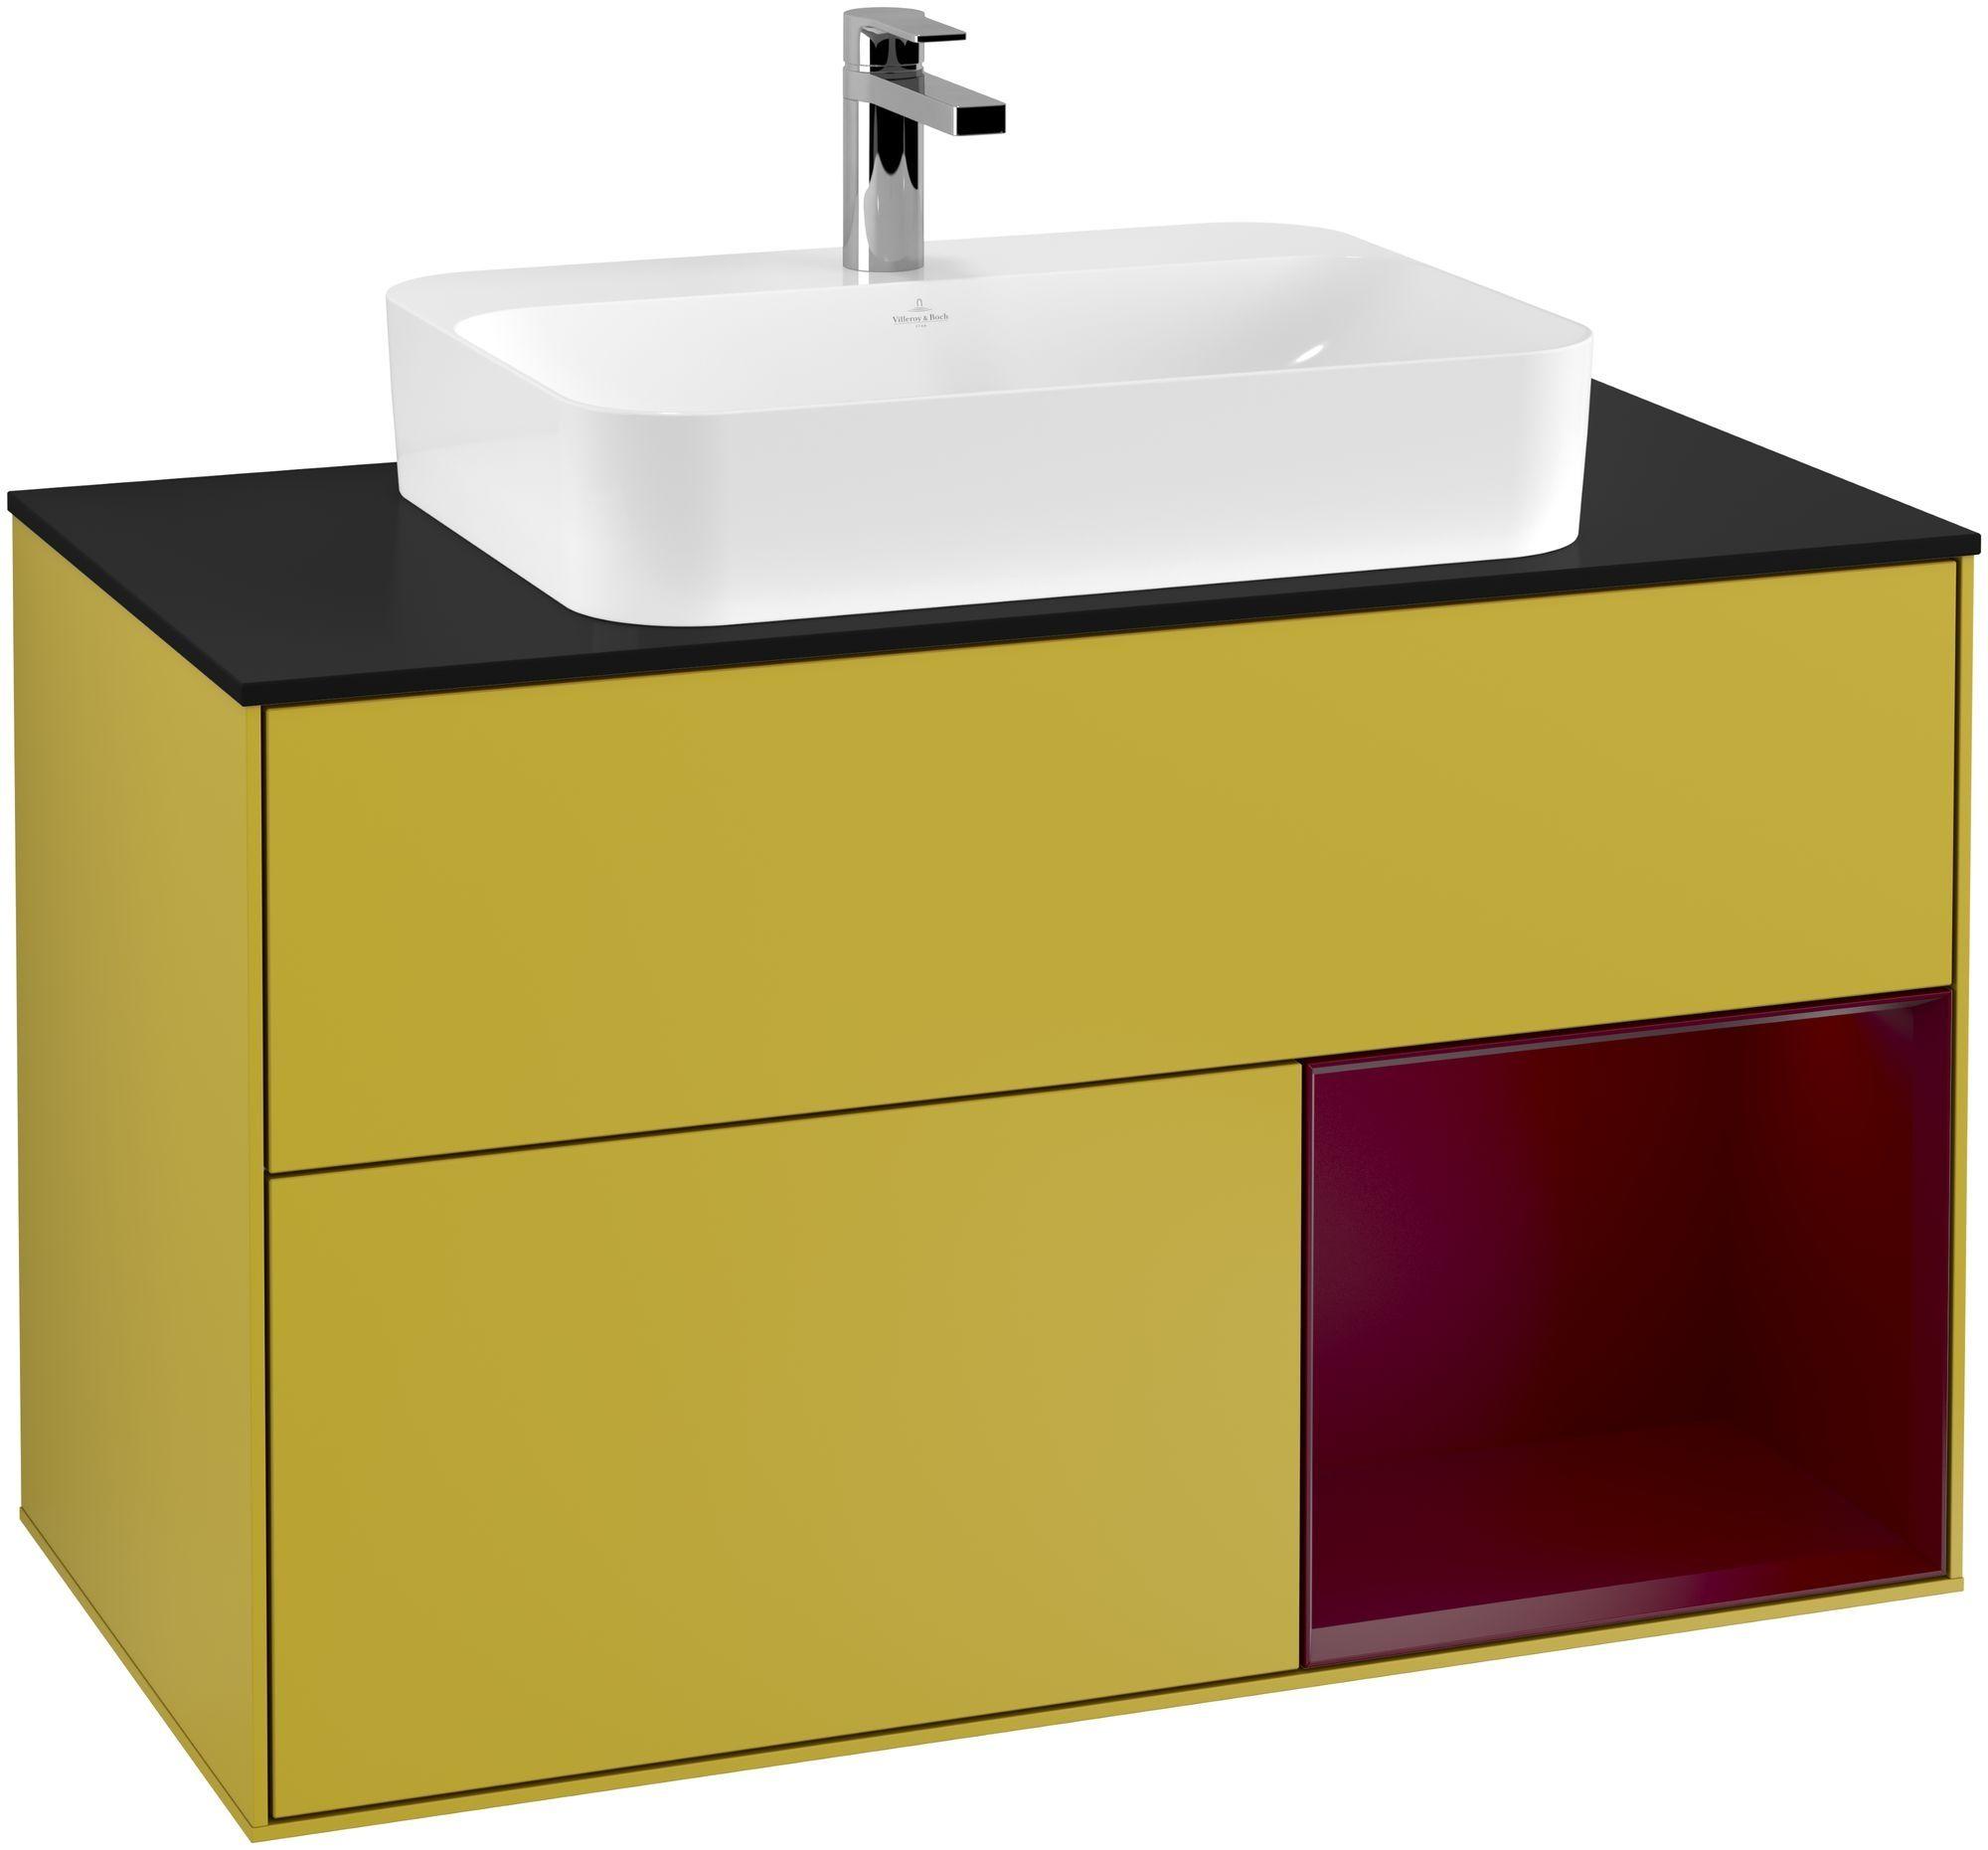 Villeroy & Boch Finion G37 Waschtischunterschrank mit Regalelement 2 Auszüge für WT mittig LED-Beleuchtung B:100xH:60,3xT:50,1cm Front, Korpus: Sun, Regal: Peony, Glasplatte: Black Matt G372HBHE